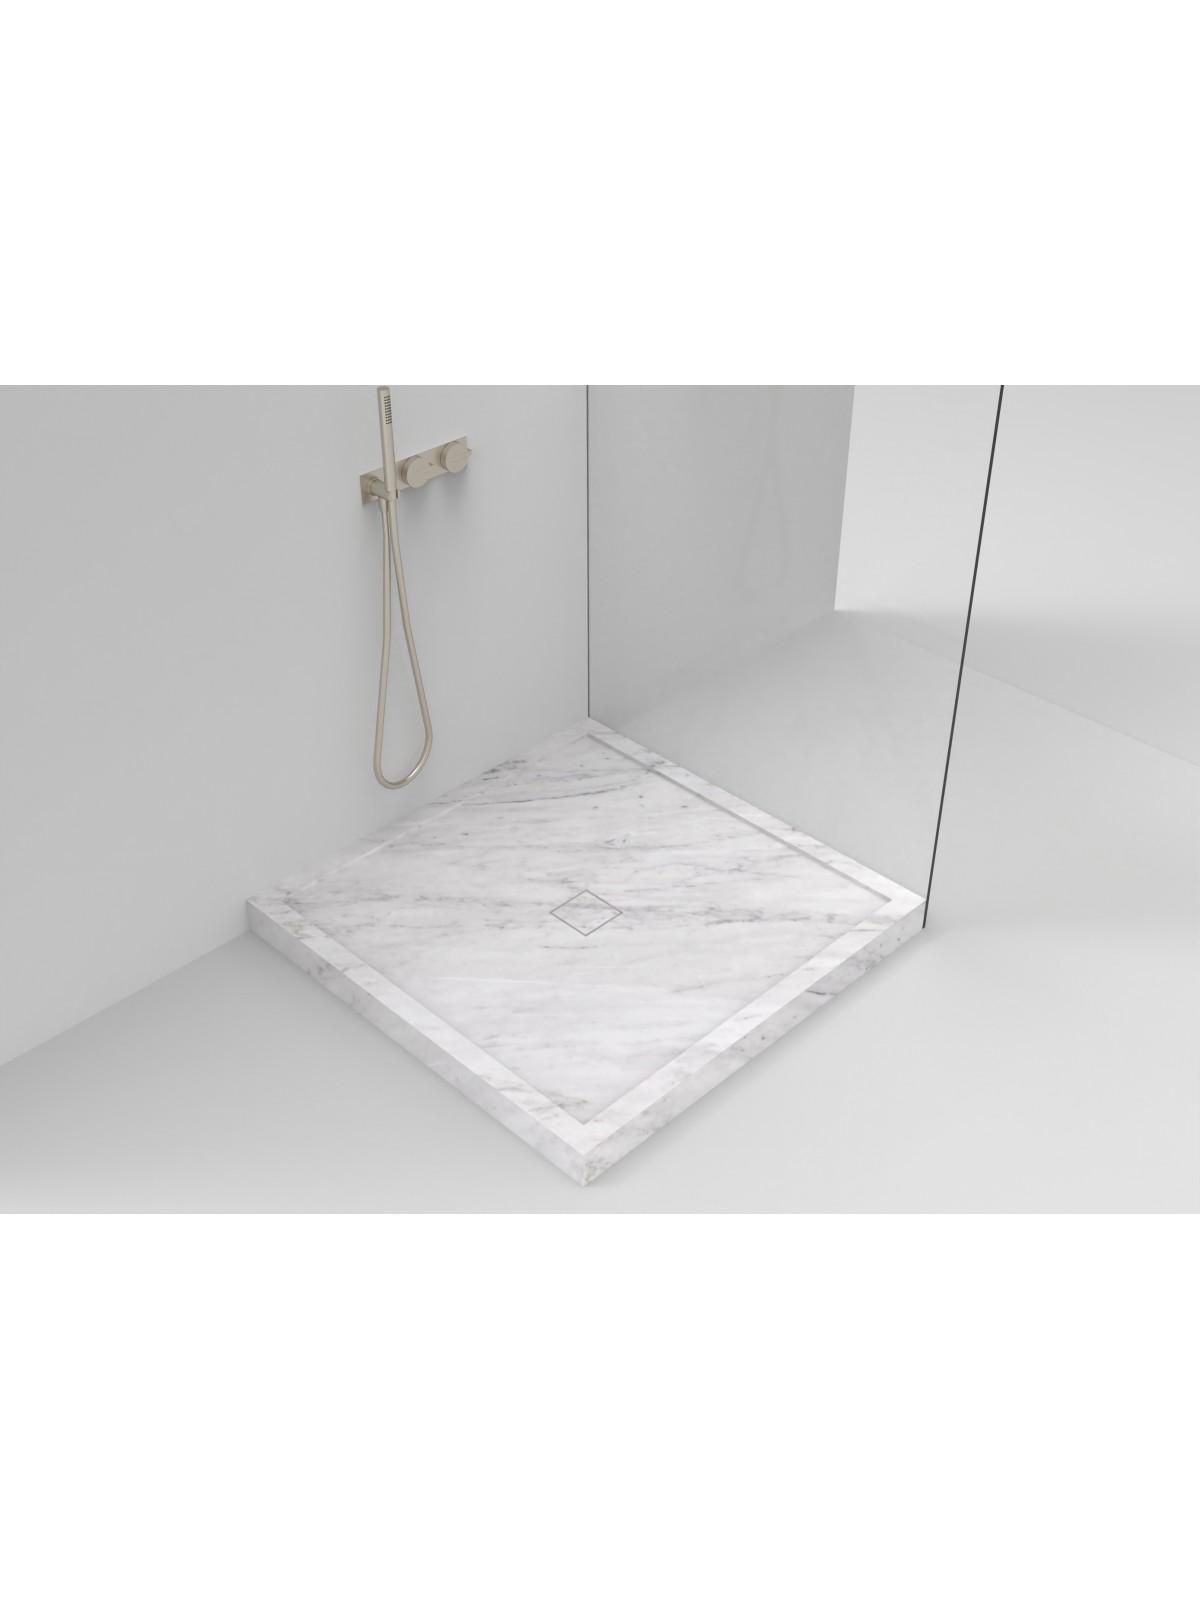 Weiße Duschplatte des Autos (Marmorpfahl)